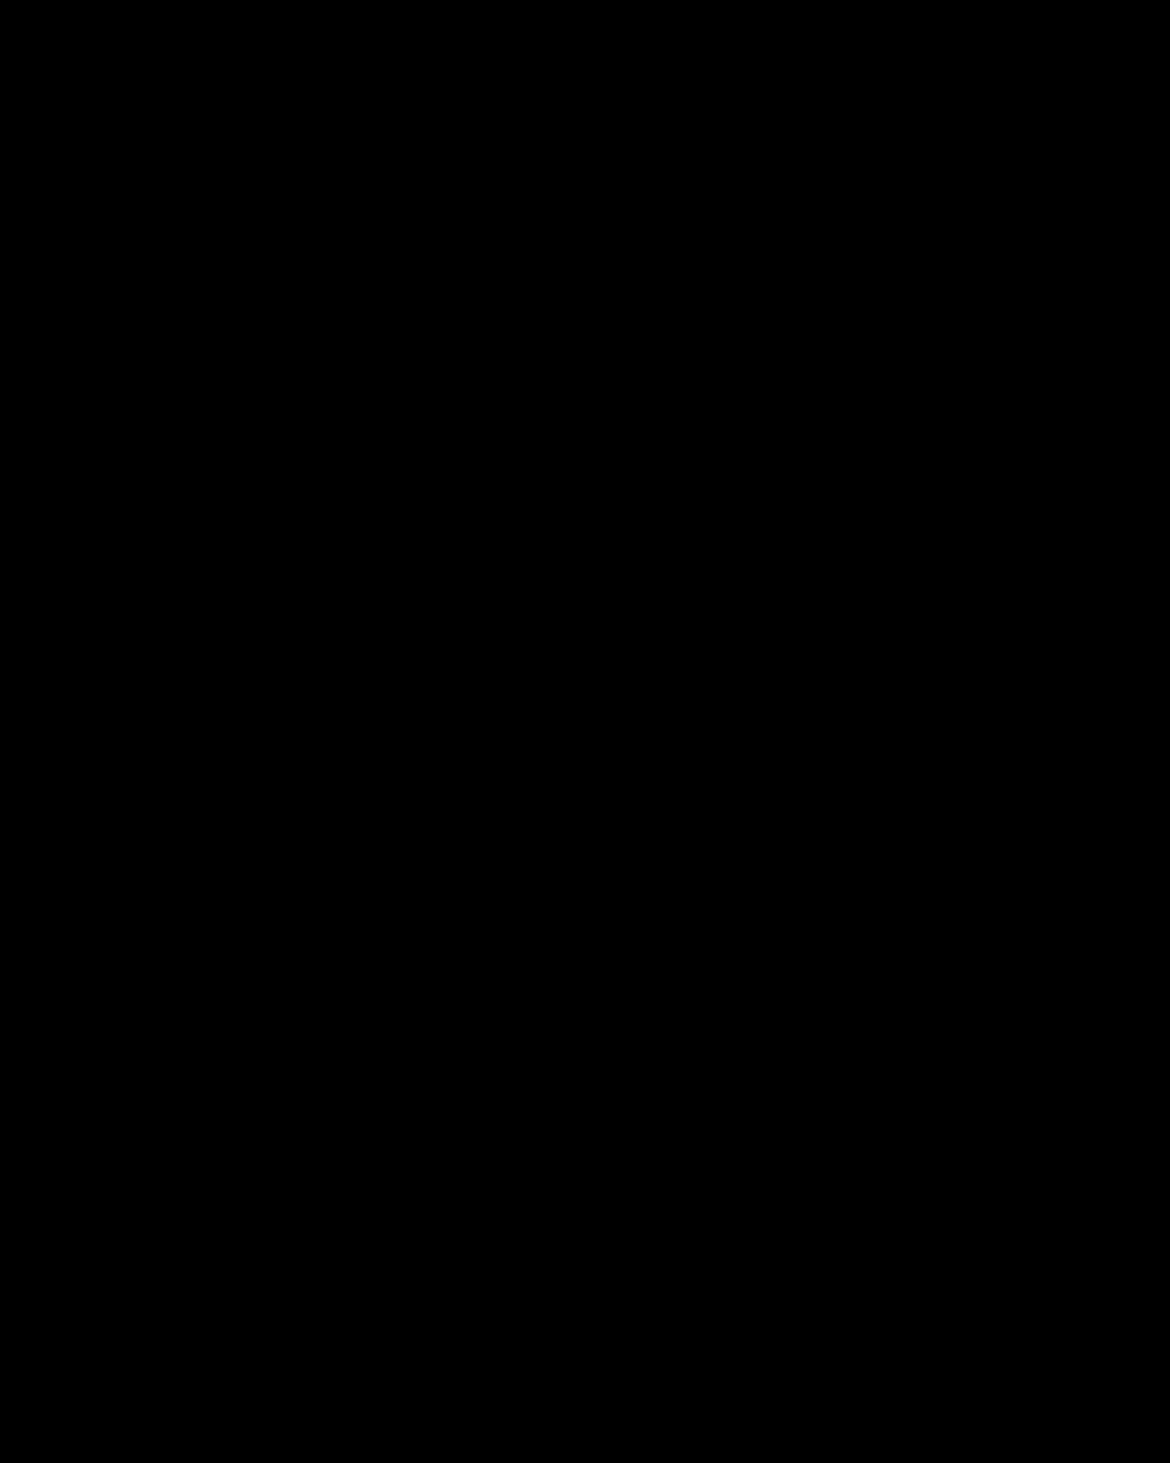 Una settimana in Giappone - Il mio itinerario by Laura Comolli - Hoteya Yufuin, Prefettura di Oita, private bath